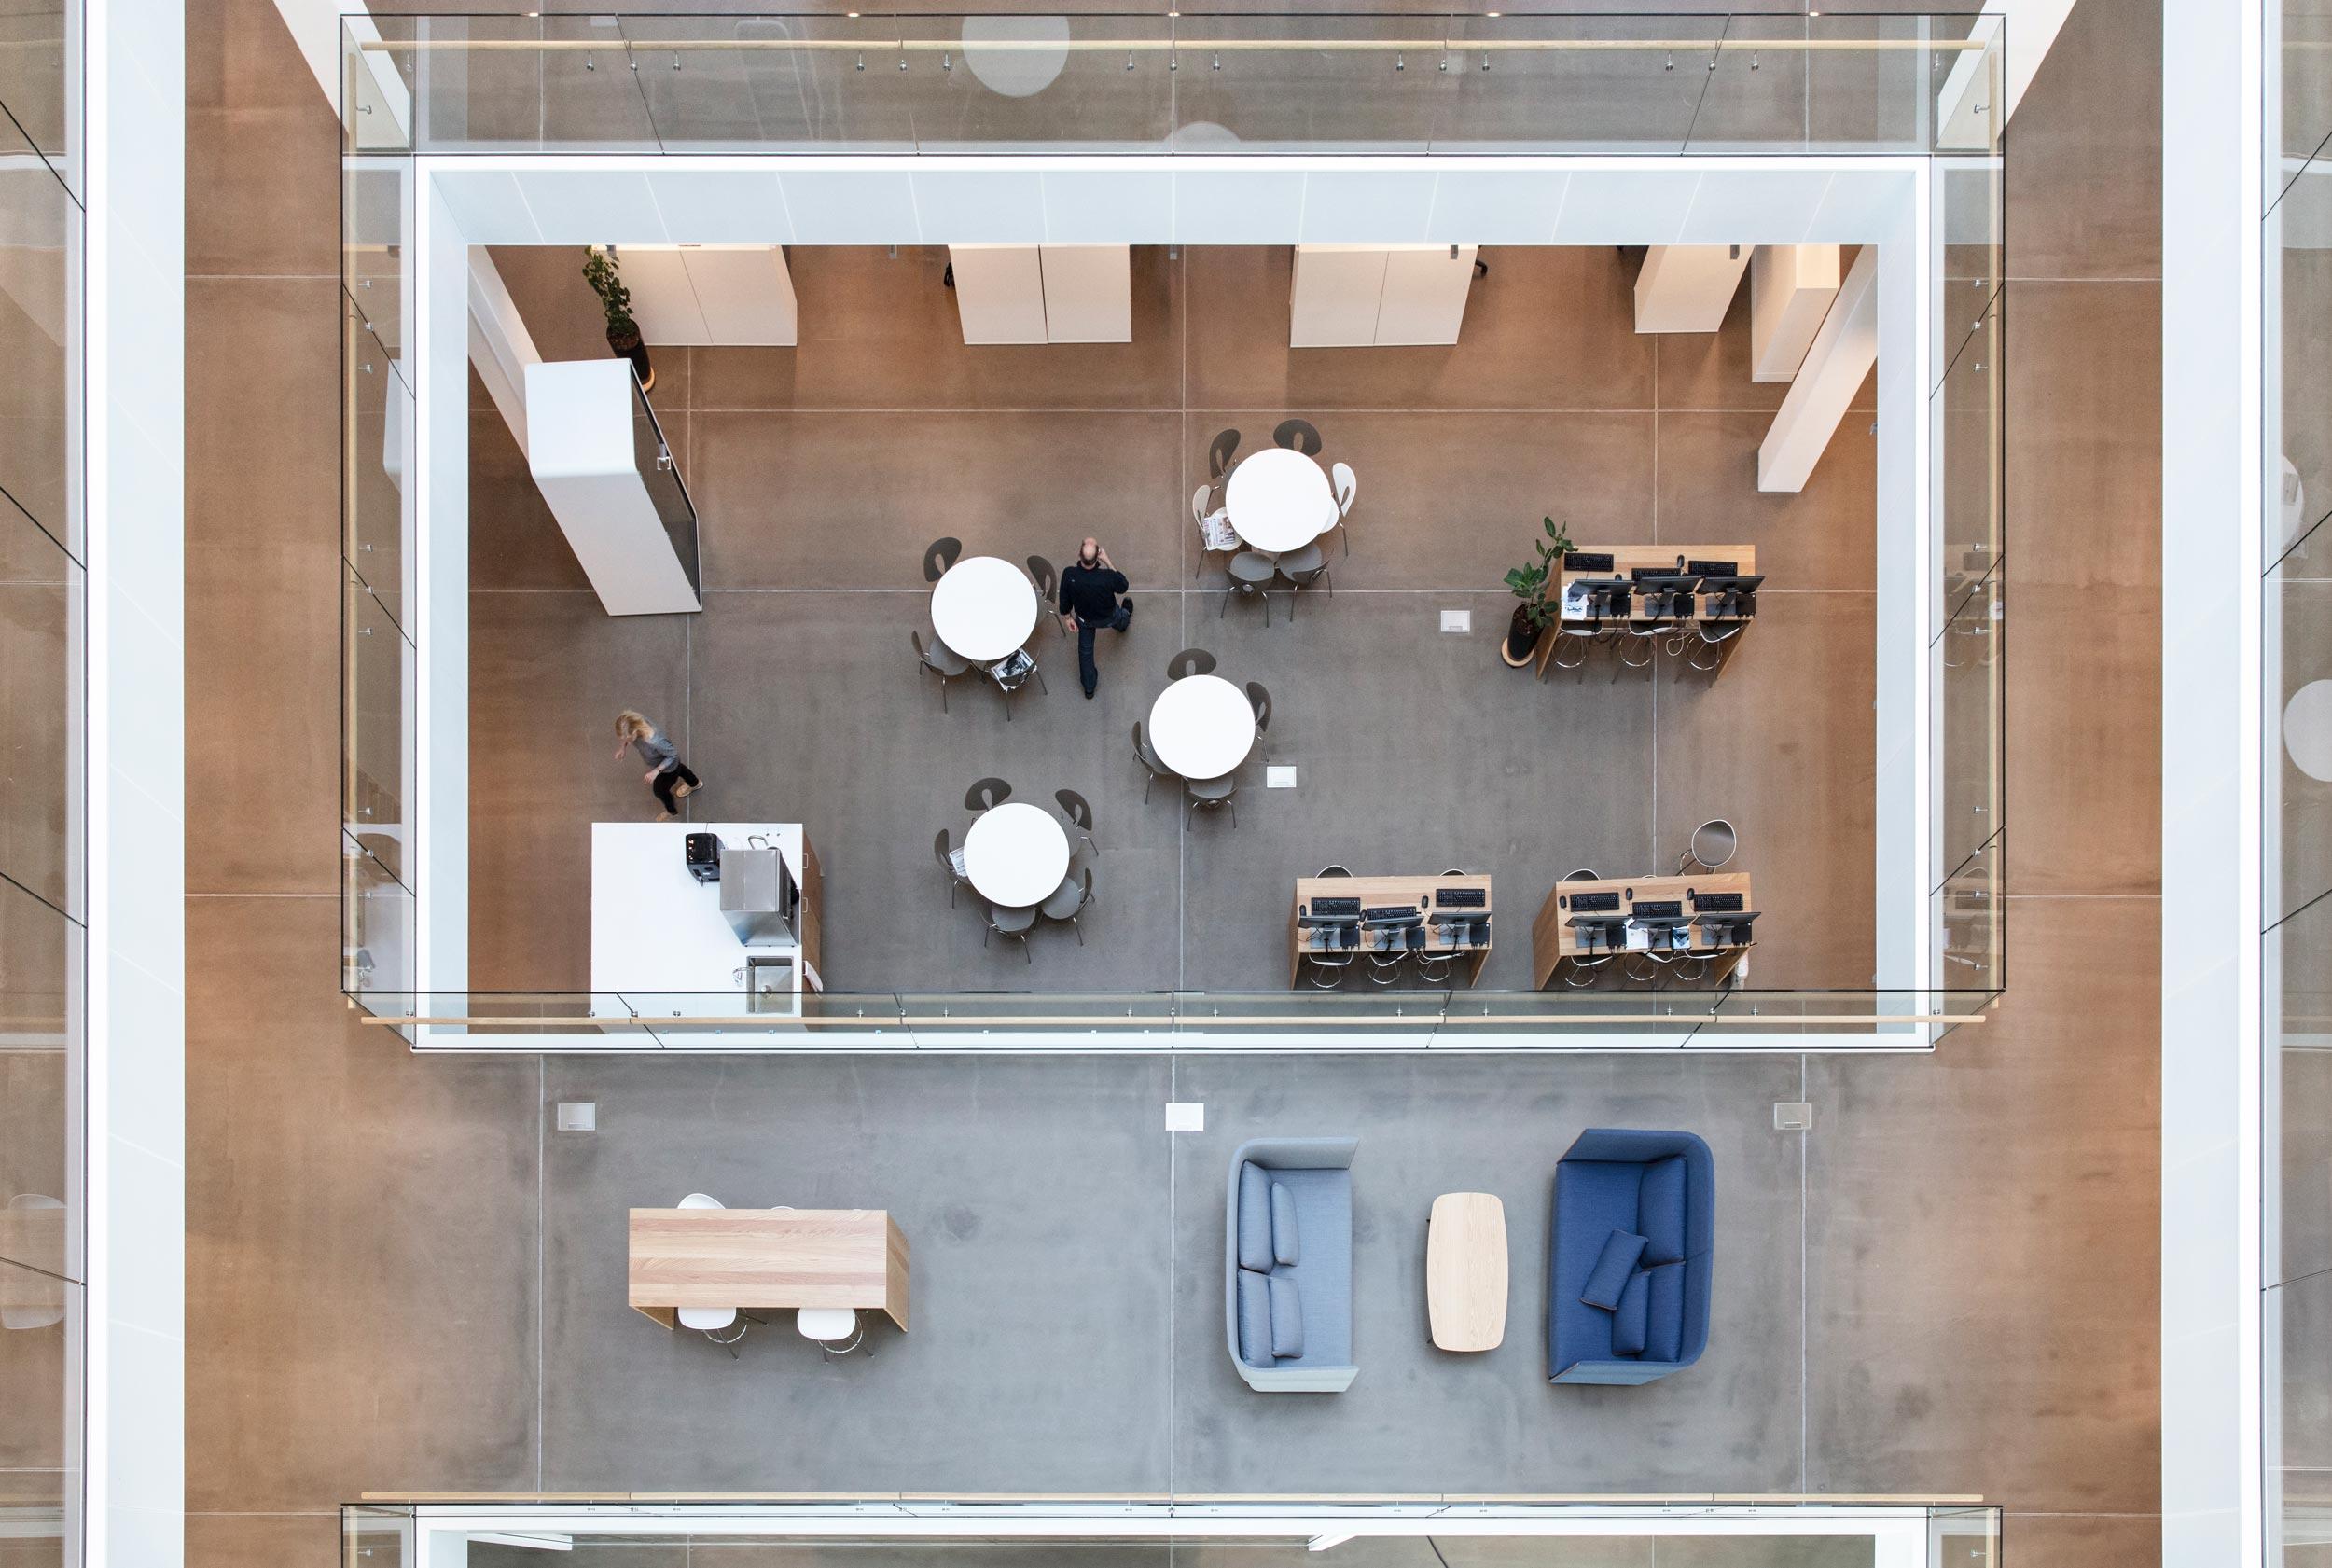 Det indvendige af bygning set oppe fra med borde, stole og lænestole på etagerne under